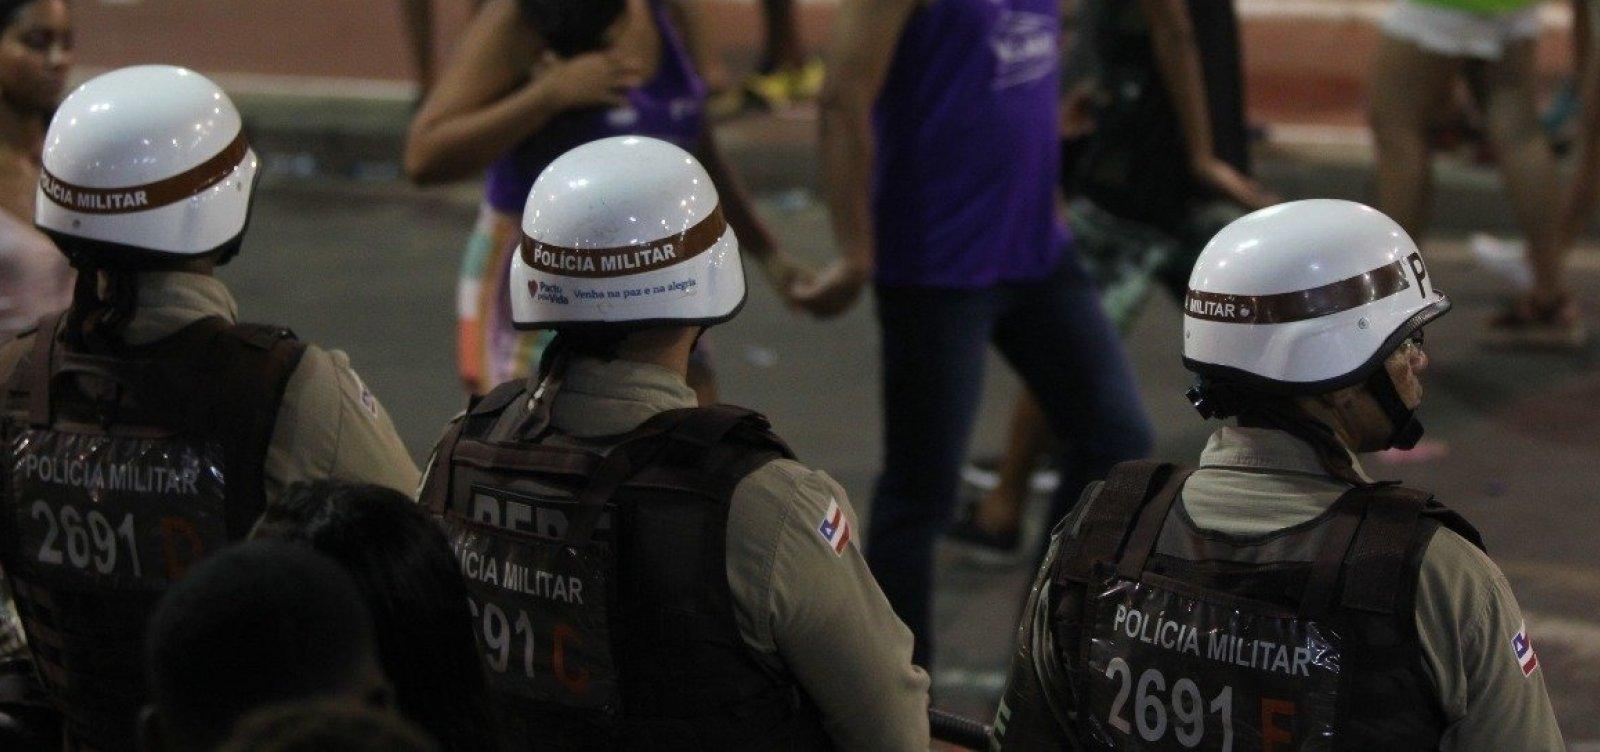 SSP registra 11 baleados e aumento de conduções a postos policiais no Carnaval